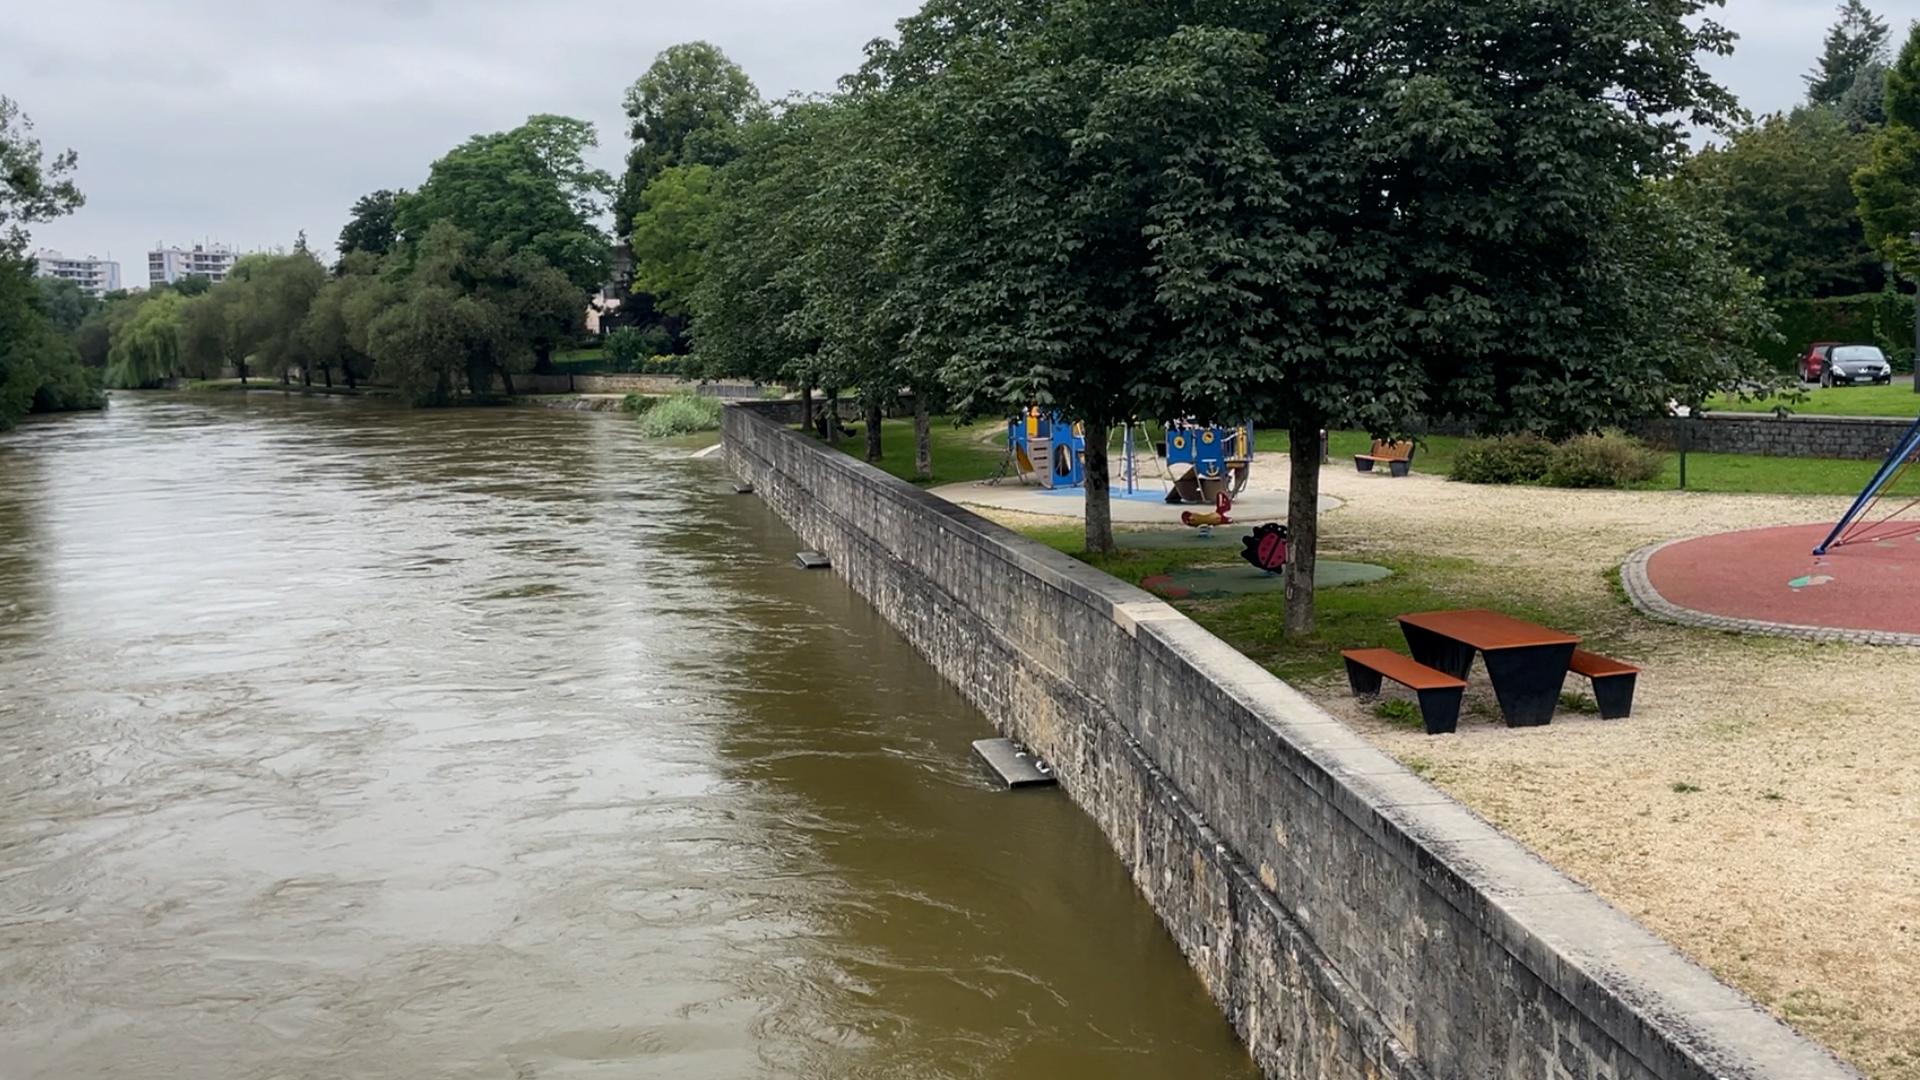 marne-haut-niveau-vigilance-inondation-saint-dizier-haute-marne